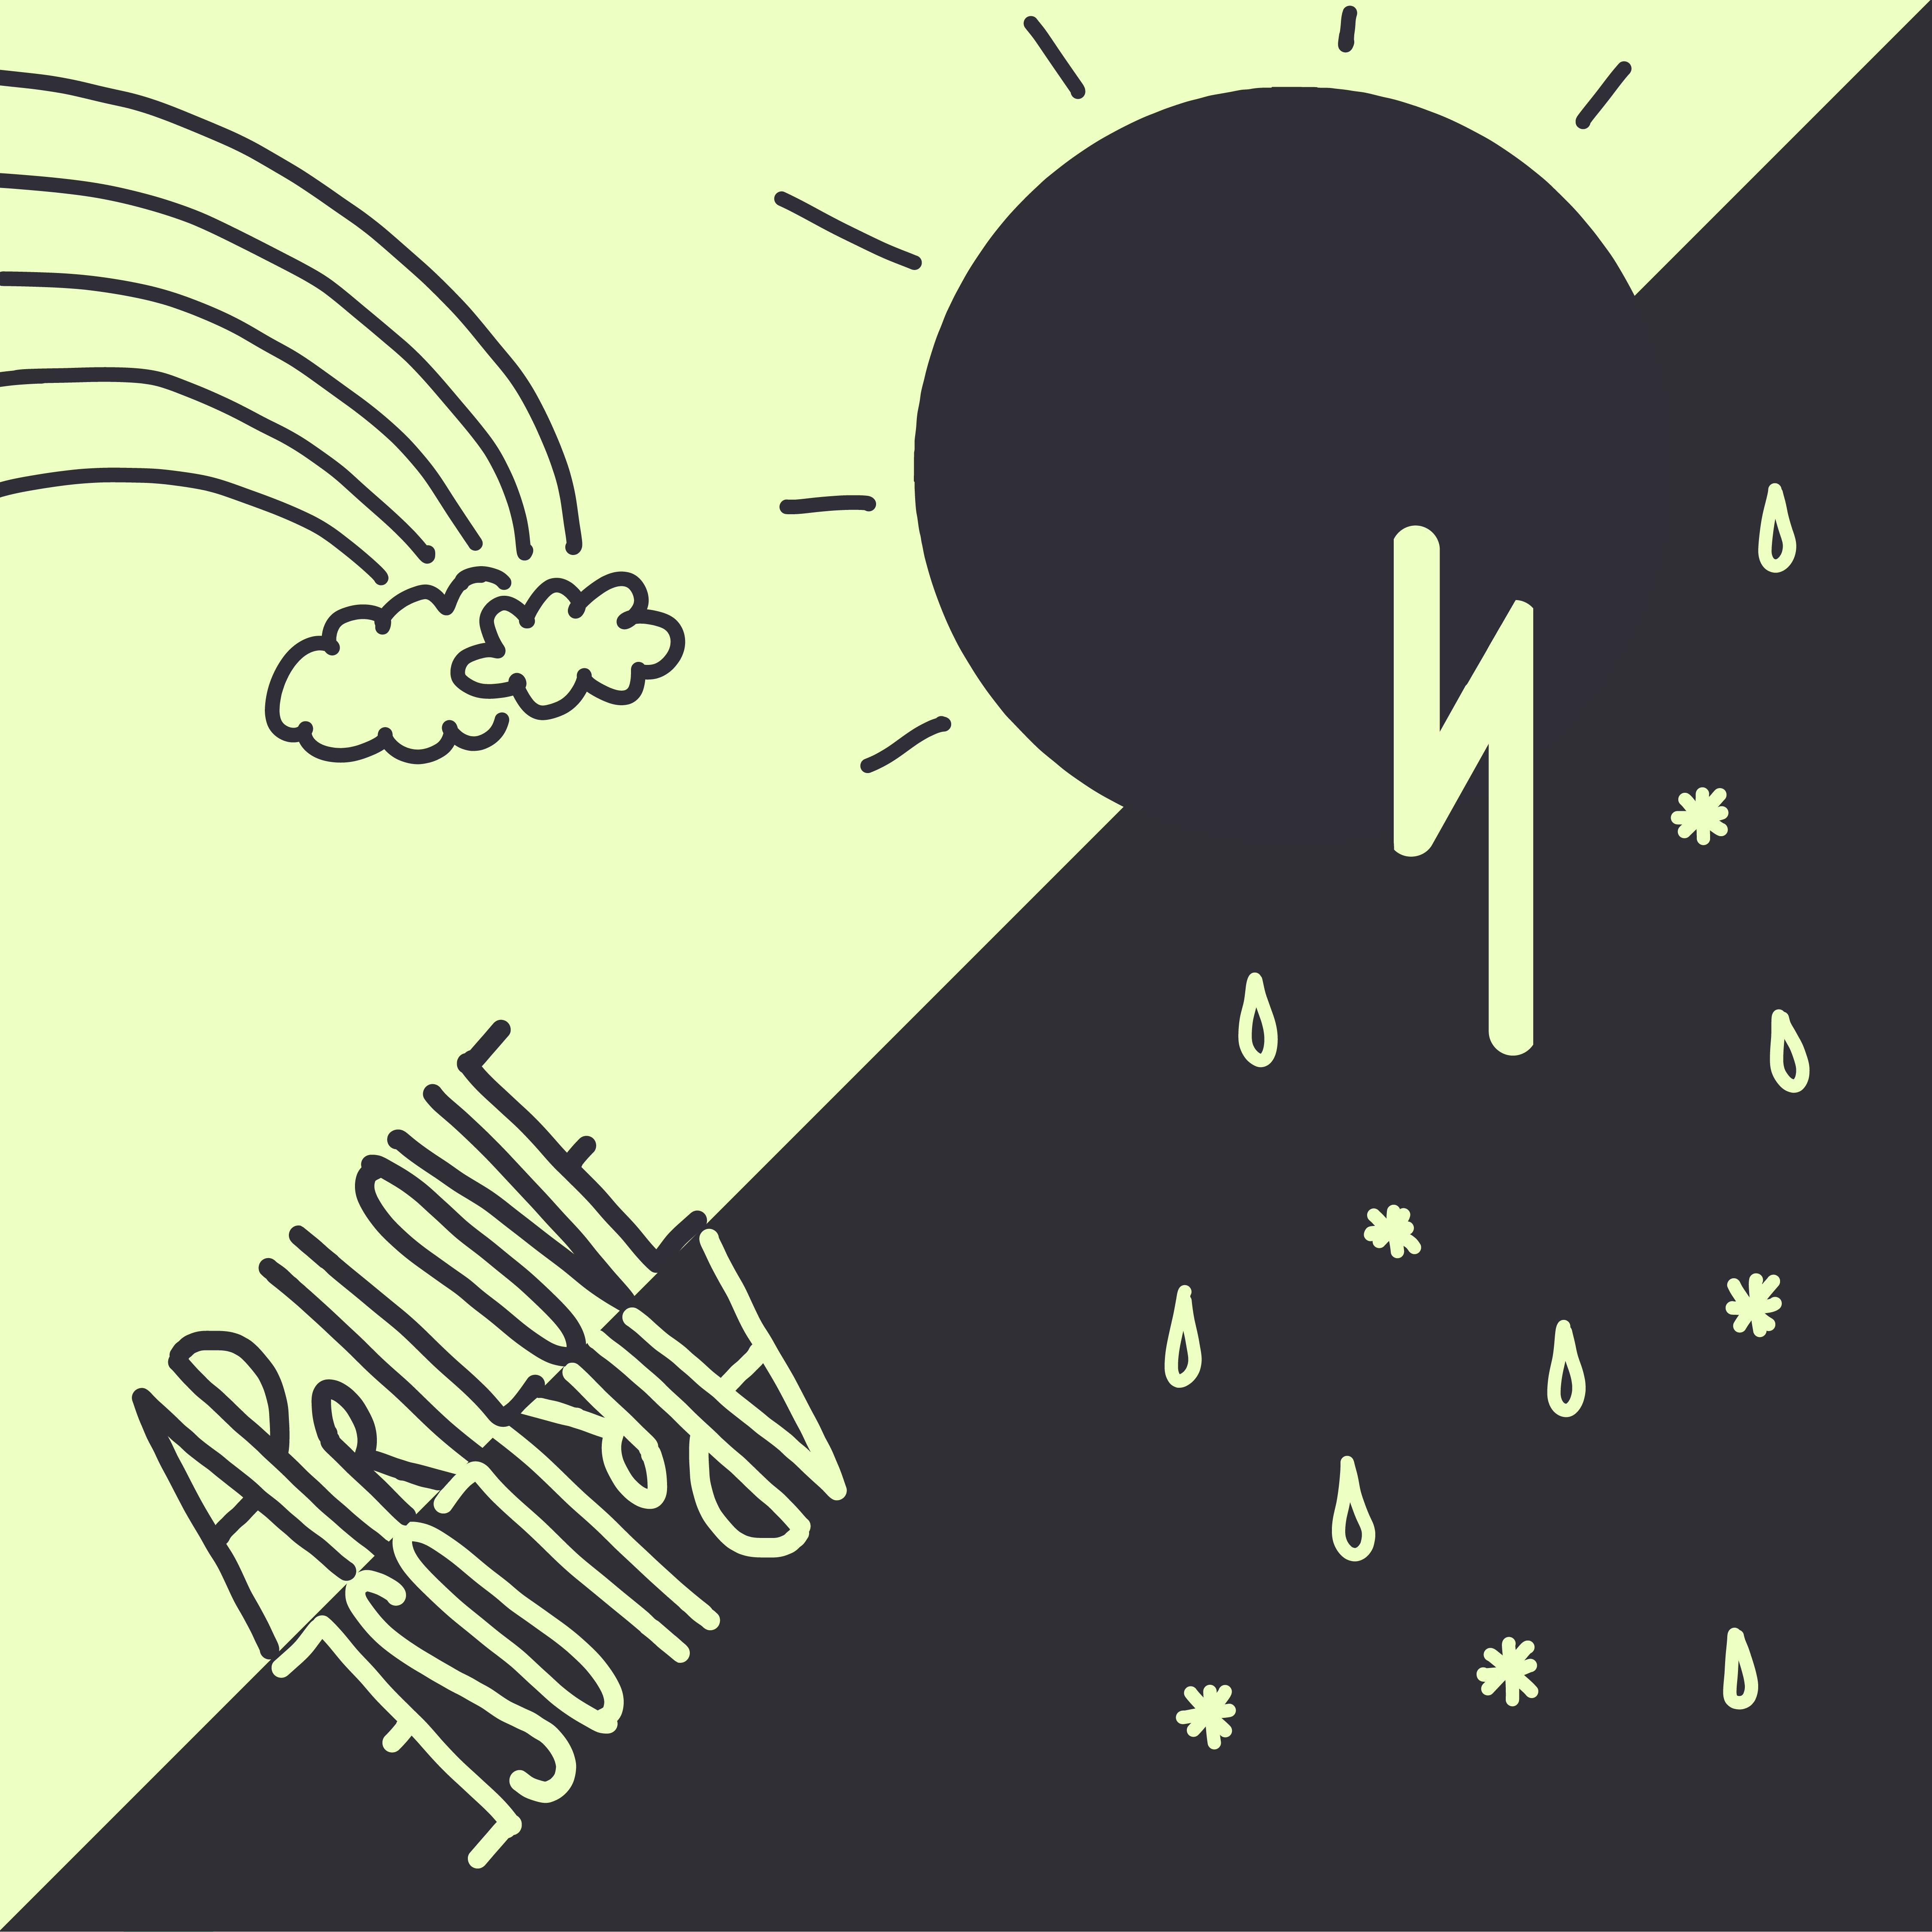 """grafikdesign, quadrat, hintergrund diagonal geteilt: links oben hellgrün, rechts unten dunkelgrau. links unten steht """"aprilove"""", in diesem teil des quadrats sind ein regenbogen, wolken und eine sonne. darunter steht auf dem kopf """"aprilose"""", in diesem teil des quadrats ist ein blitz, regen und schneeflocken"""